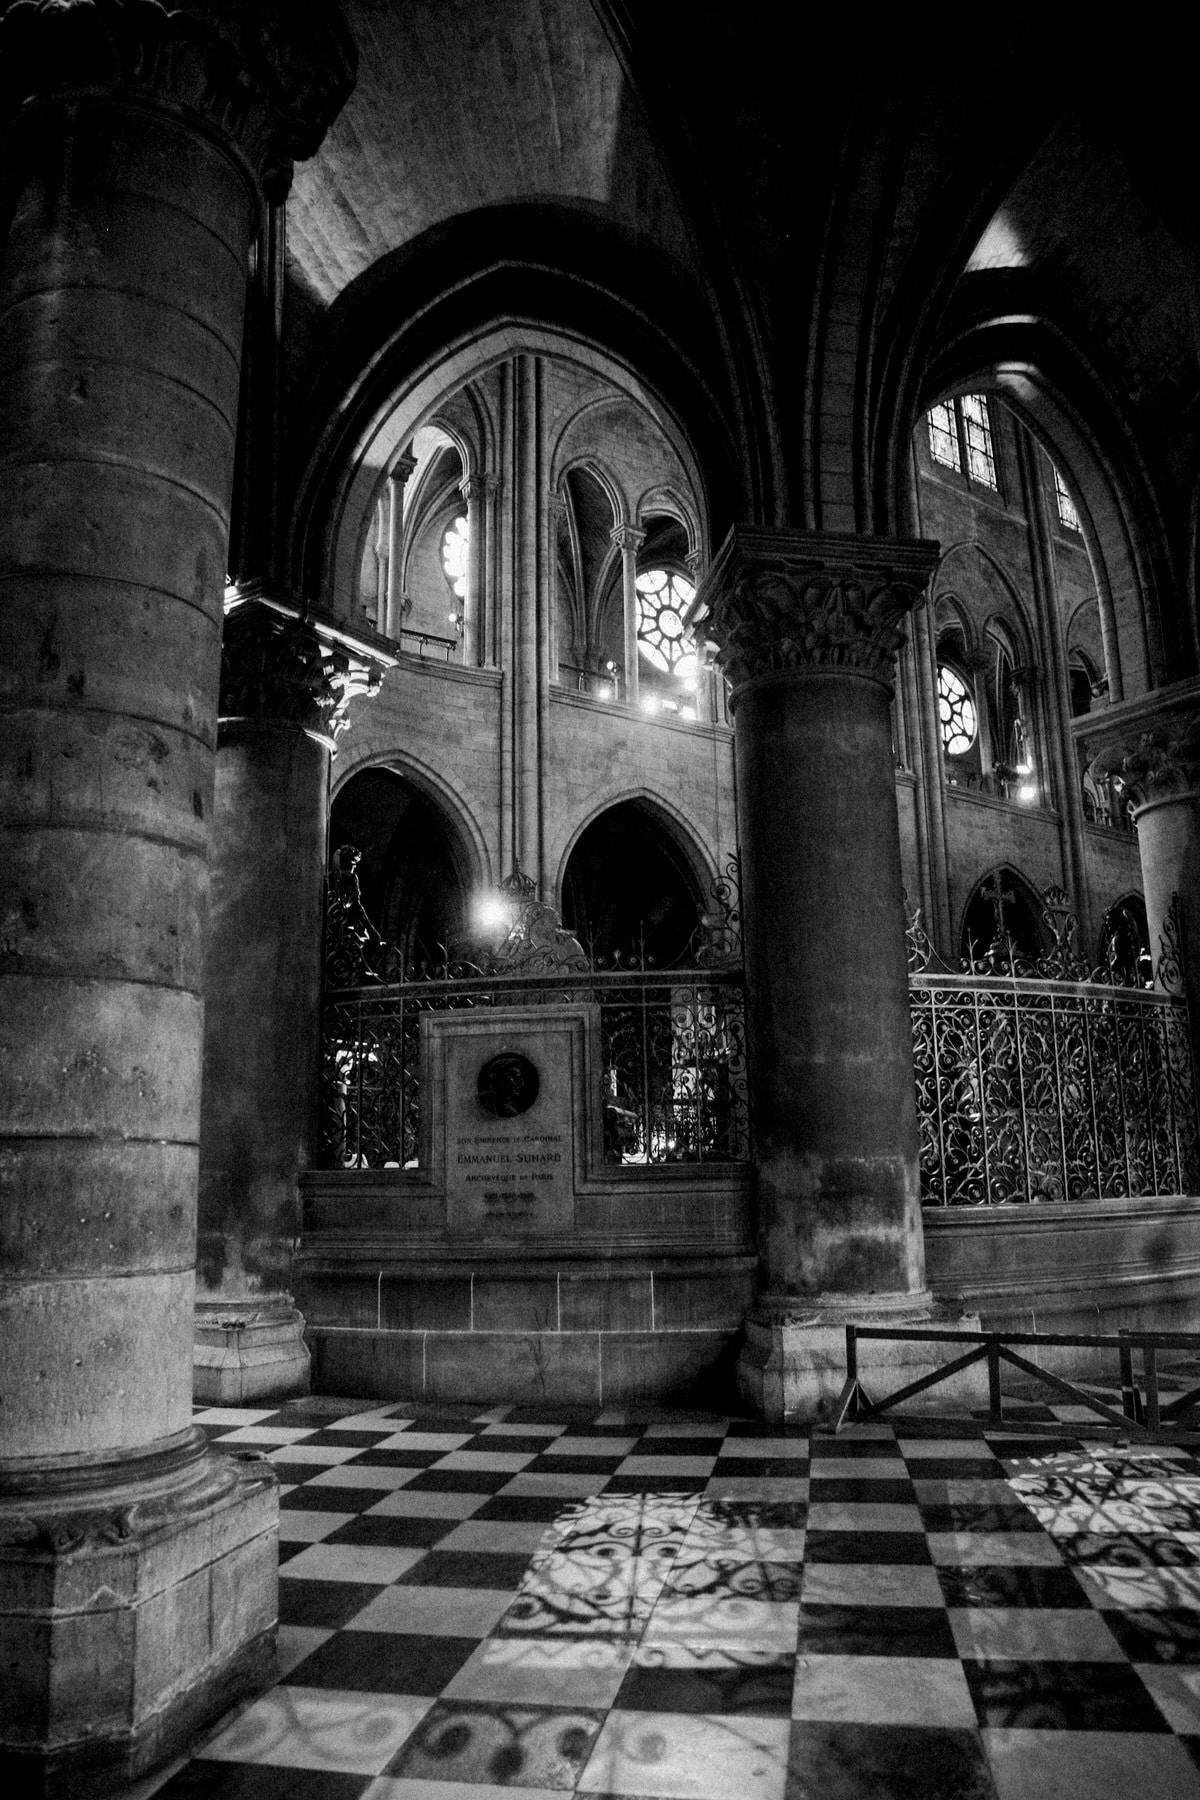 Notre-Dame-Paris-France-fine-art-photography-by-Studio-L-photographer-Laura-Schneider-_4964